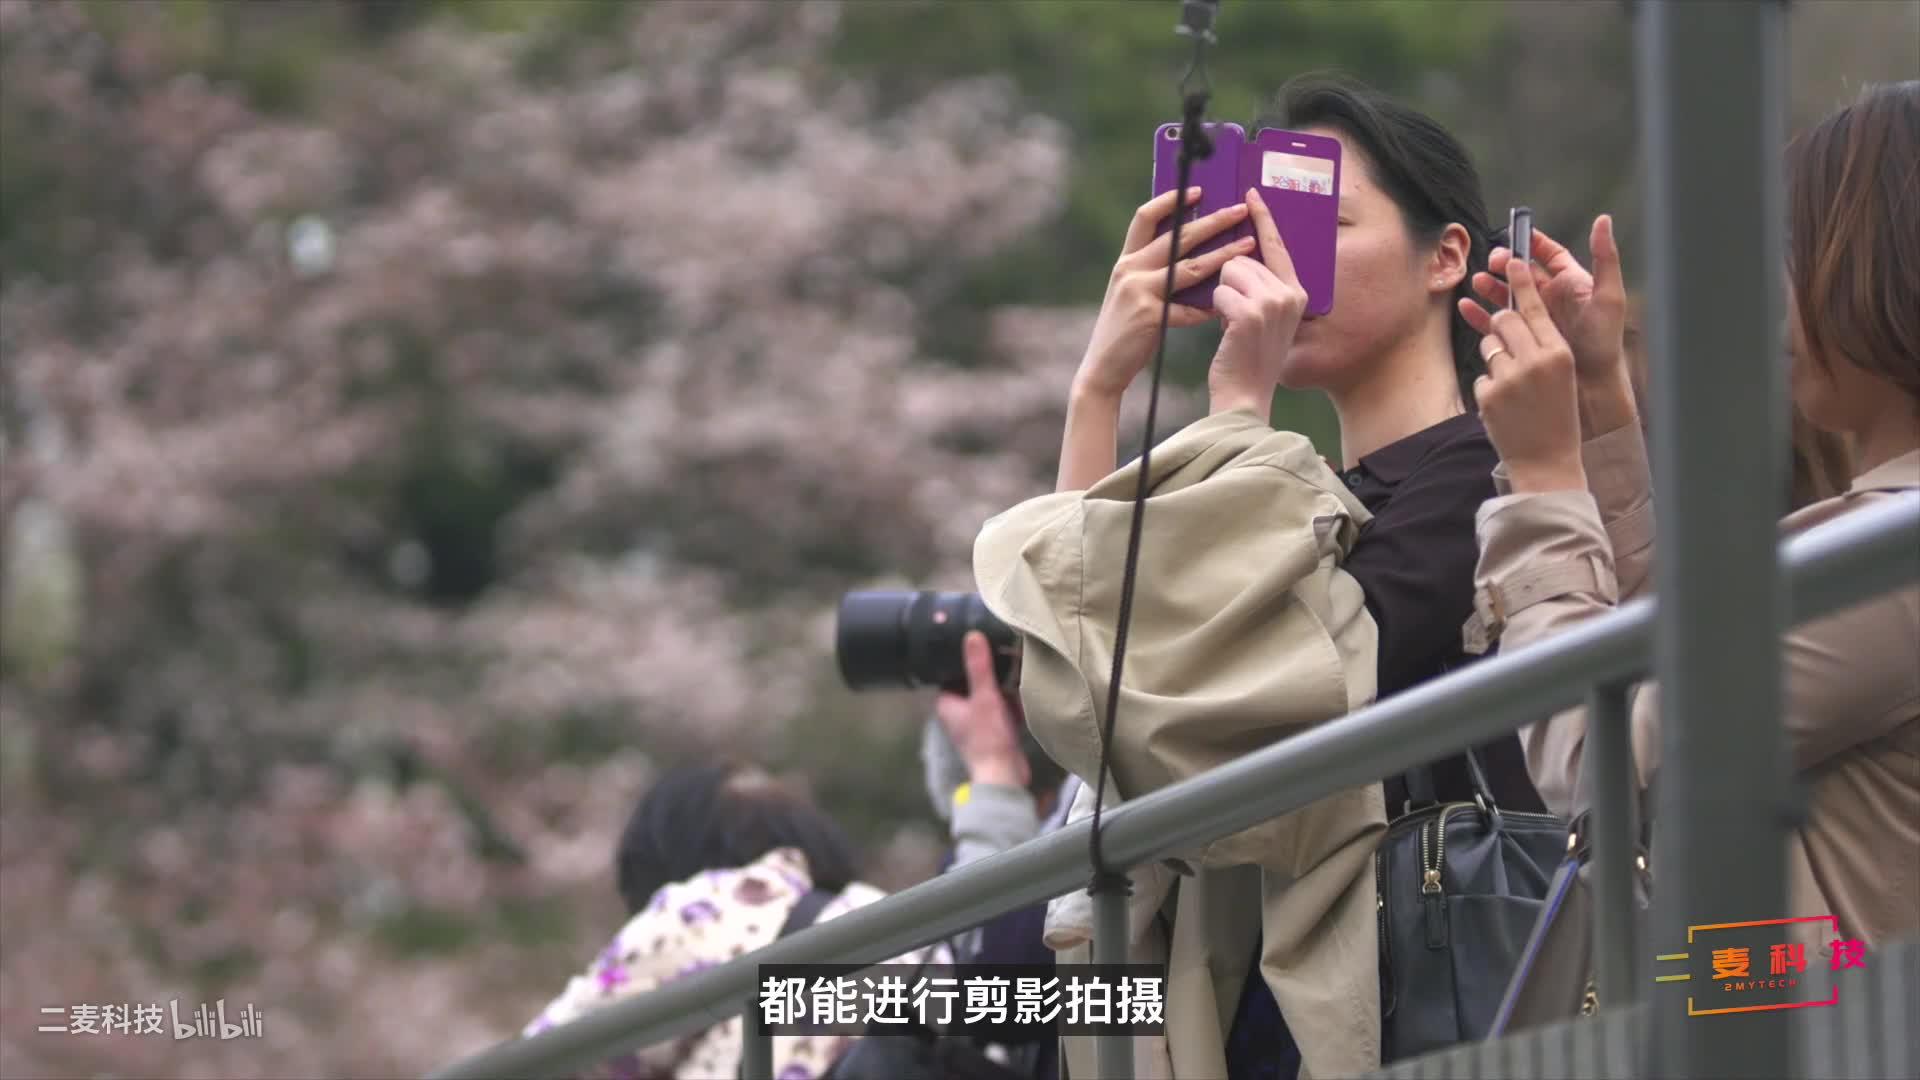 如何用手机拍出美美哒的剪影?手机摄影之剪影拍摄技巧